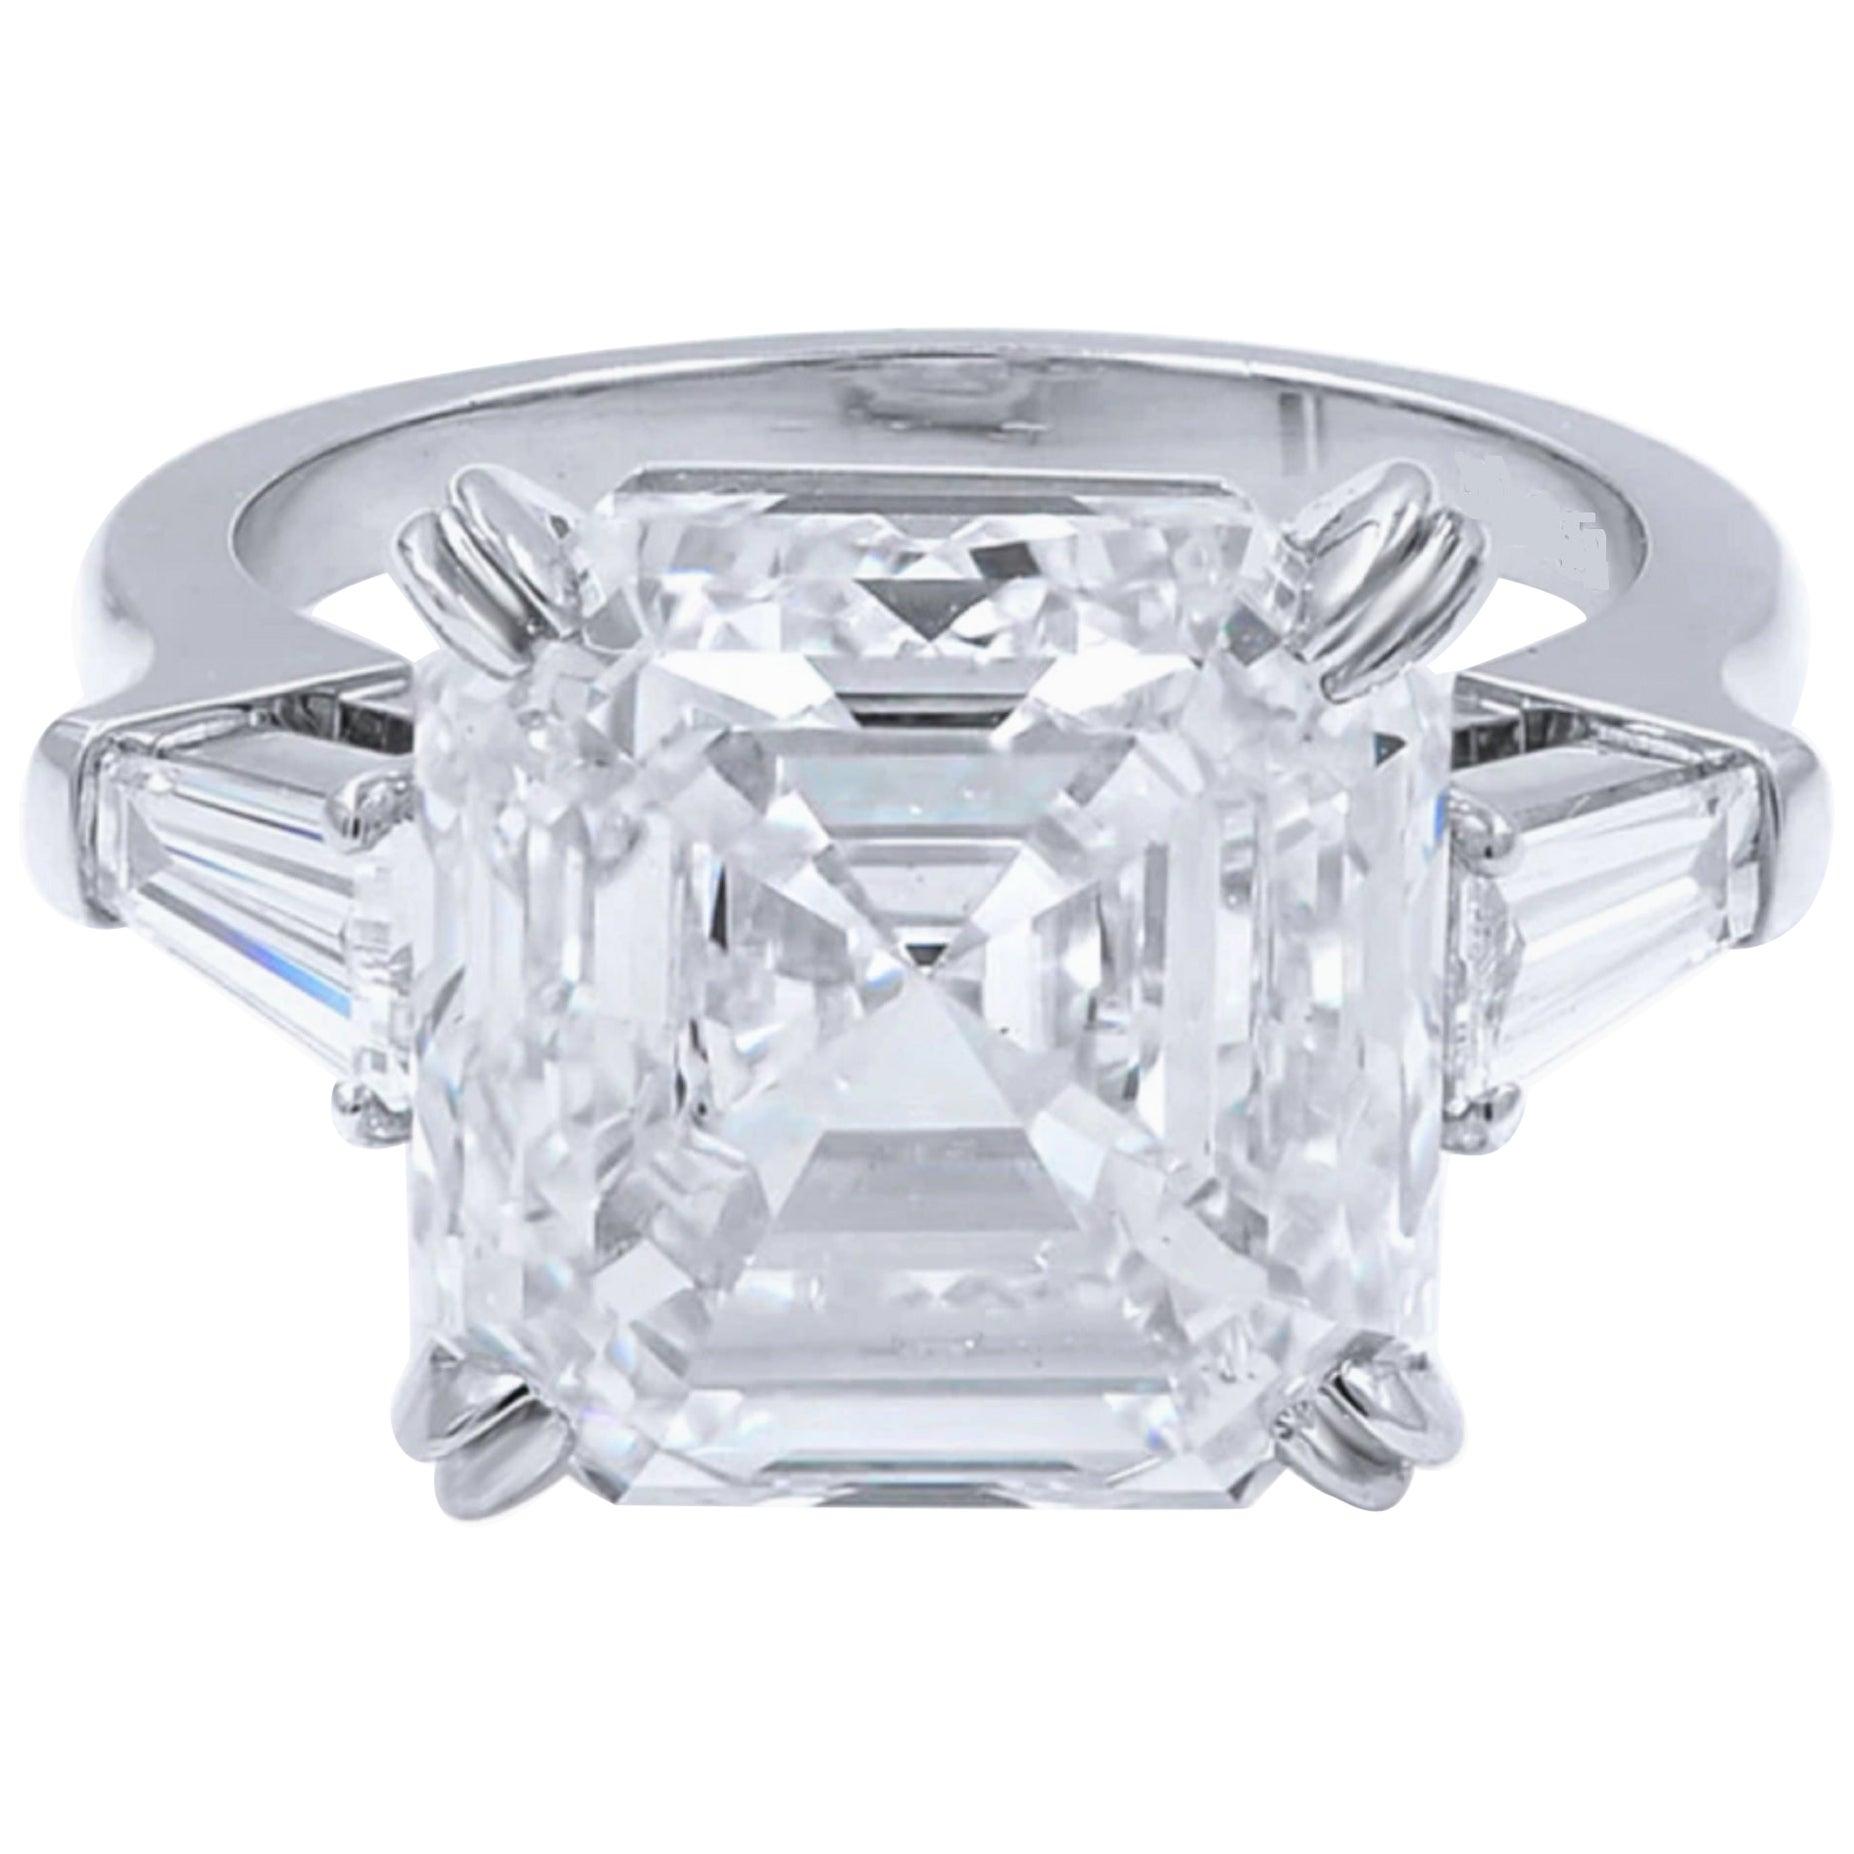 GIA Certified 3.50 Carat Asscher Cut Diamond E Color VS2Clarity Excellent Cut